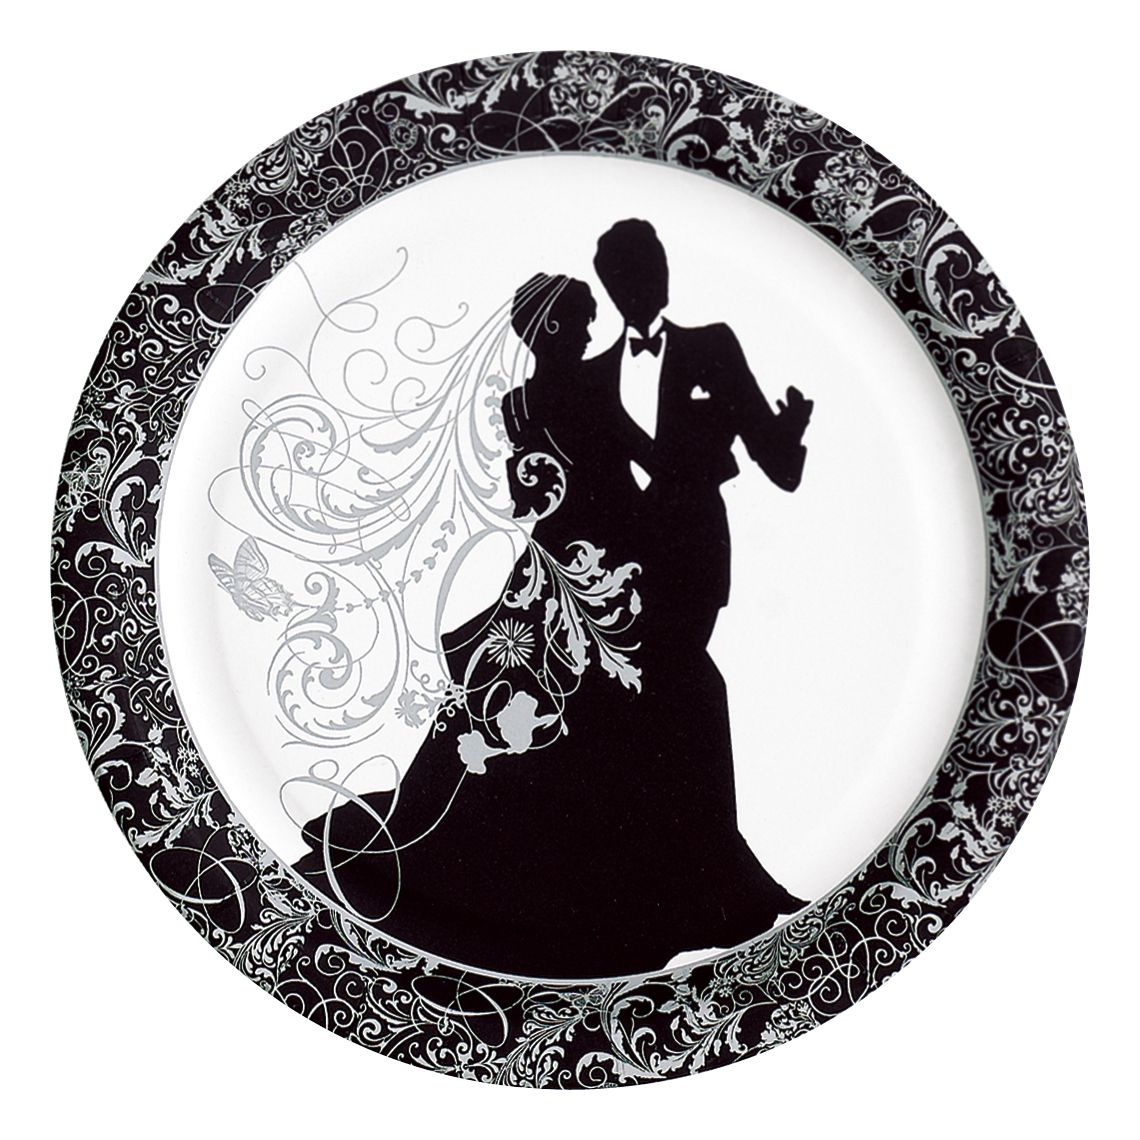 валы красивые картинки на свадьбу черно-белые уже та, есть